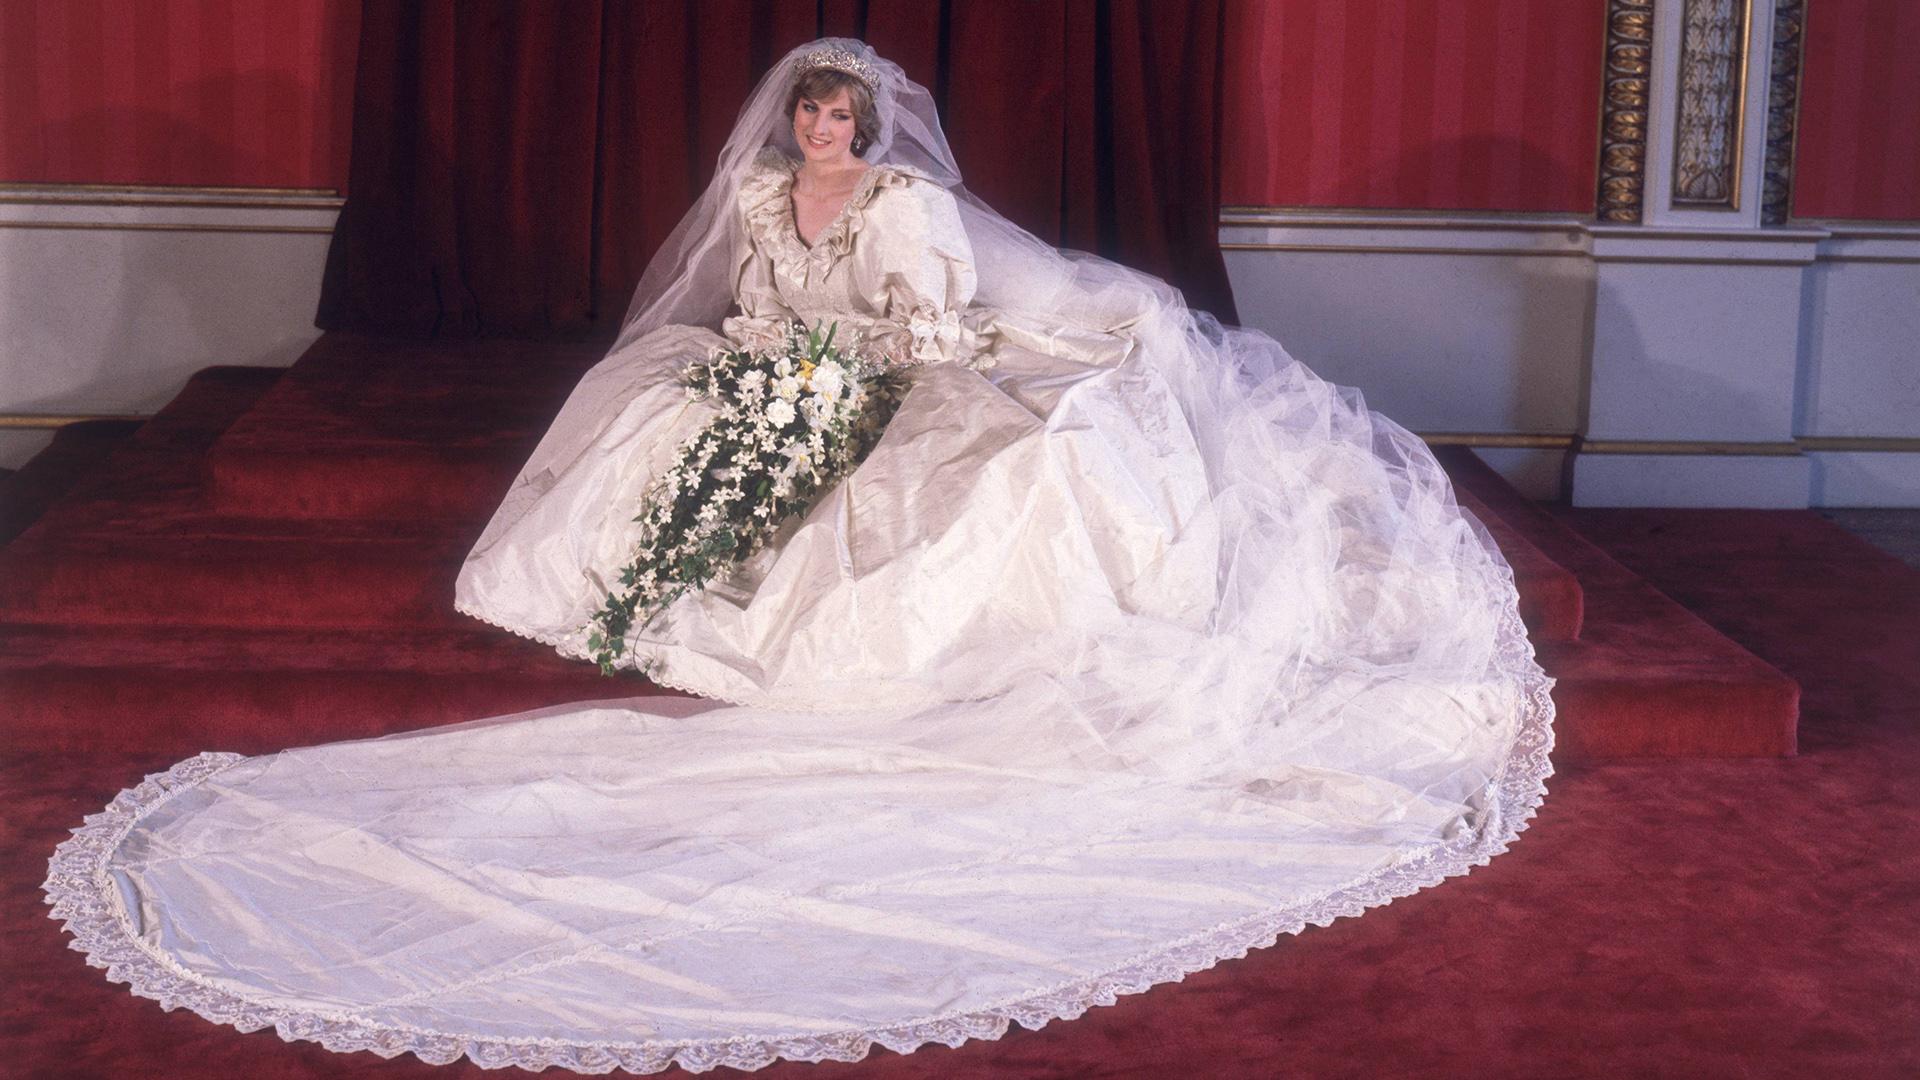 29 de julio, 1981: Lady Diana Spencer con su vestido de novia diseñado por David y Elizabeth Emanuel, con cola de más de cuatro metros, un gran ramo de flores y velo de tul (Photo by Fox Photos/Getty Images)